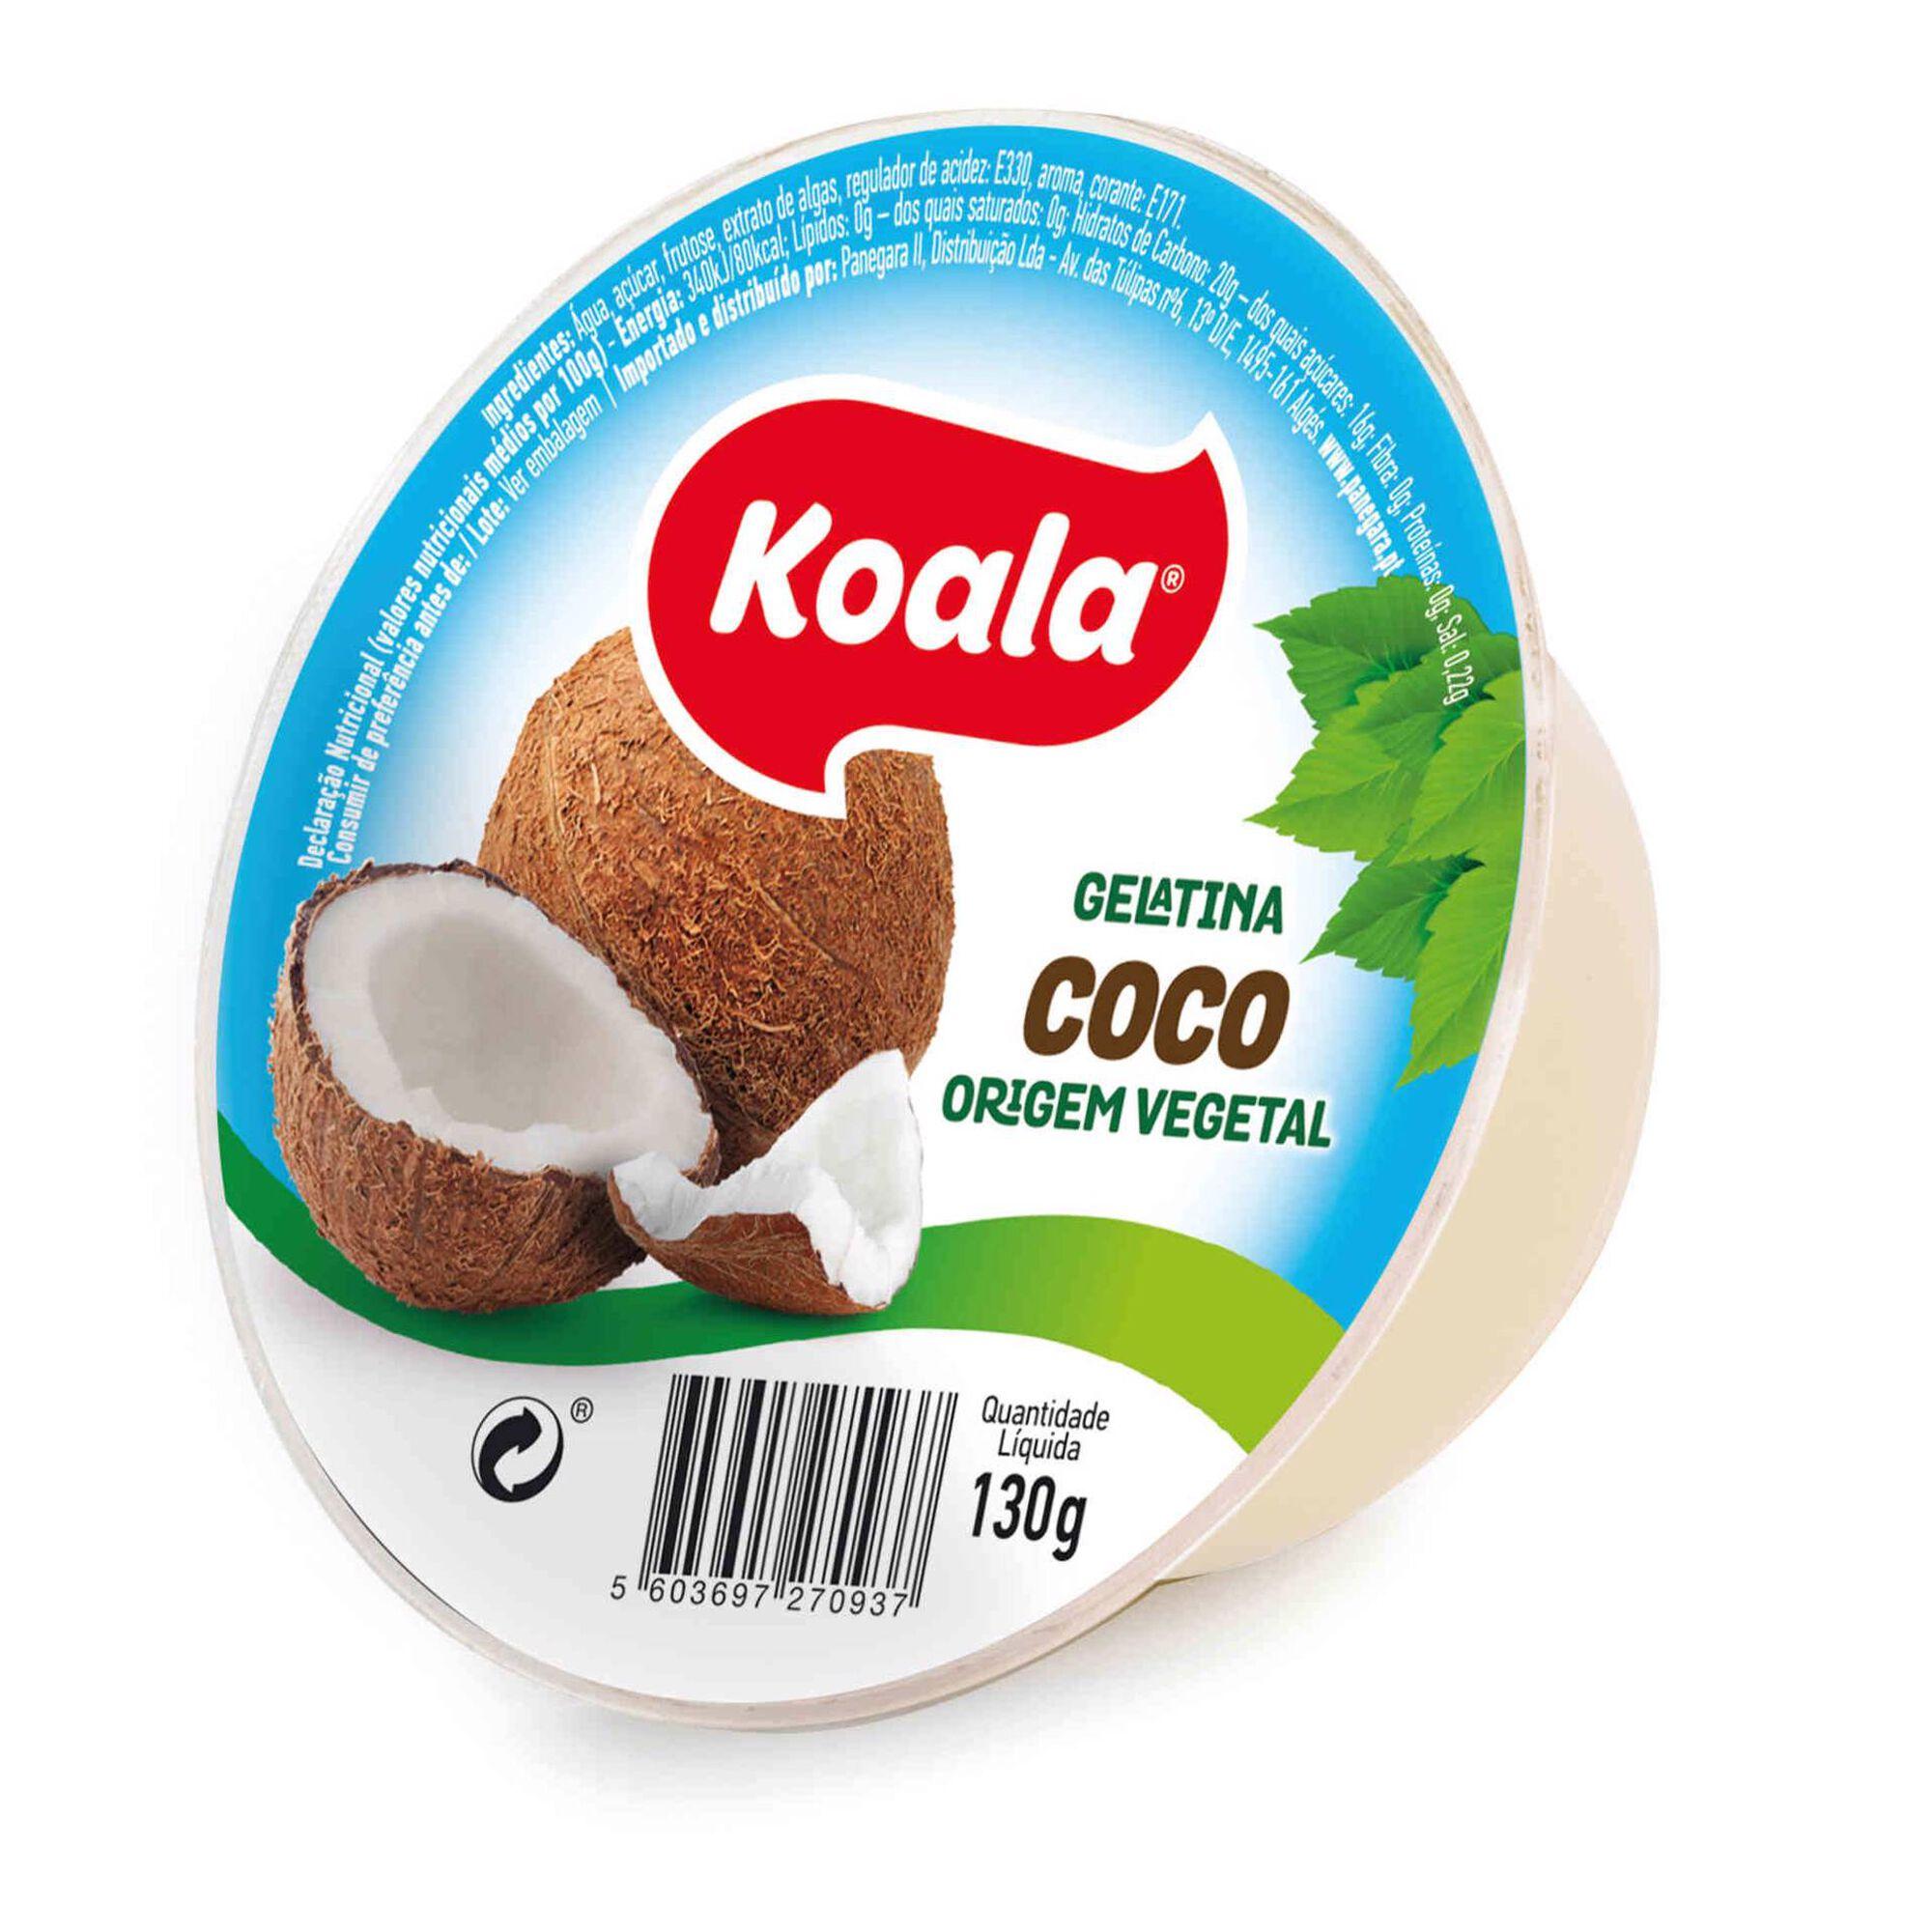 Gelatina Pronta de Coco